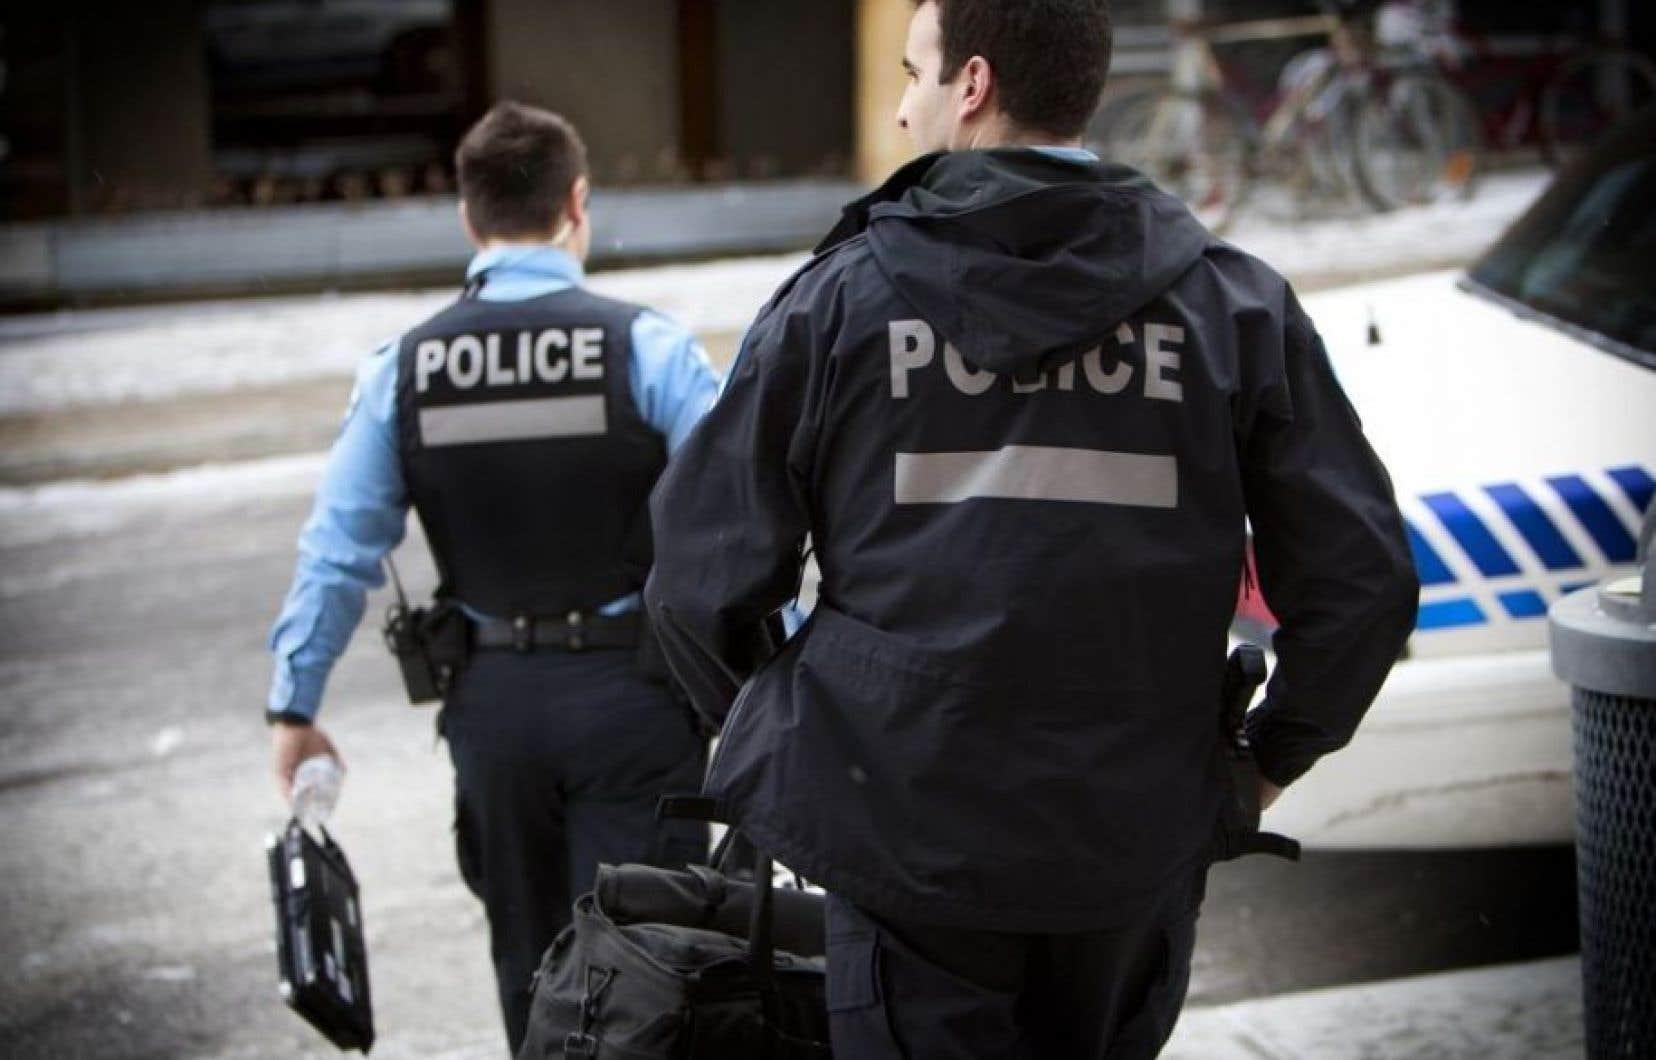 Les autorités ont laissé entendre qu'il s'agissait d'une opération importante qui s'attaquait à quelques acteurs majeurs du crime organisé.